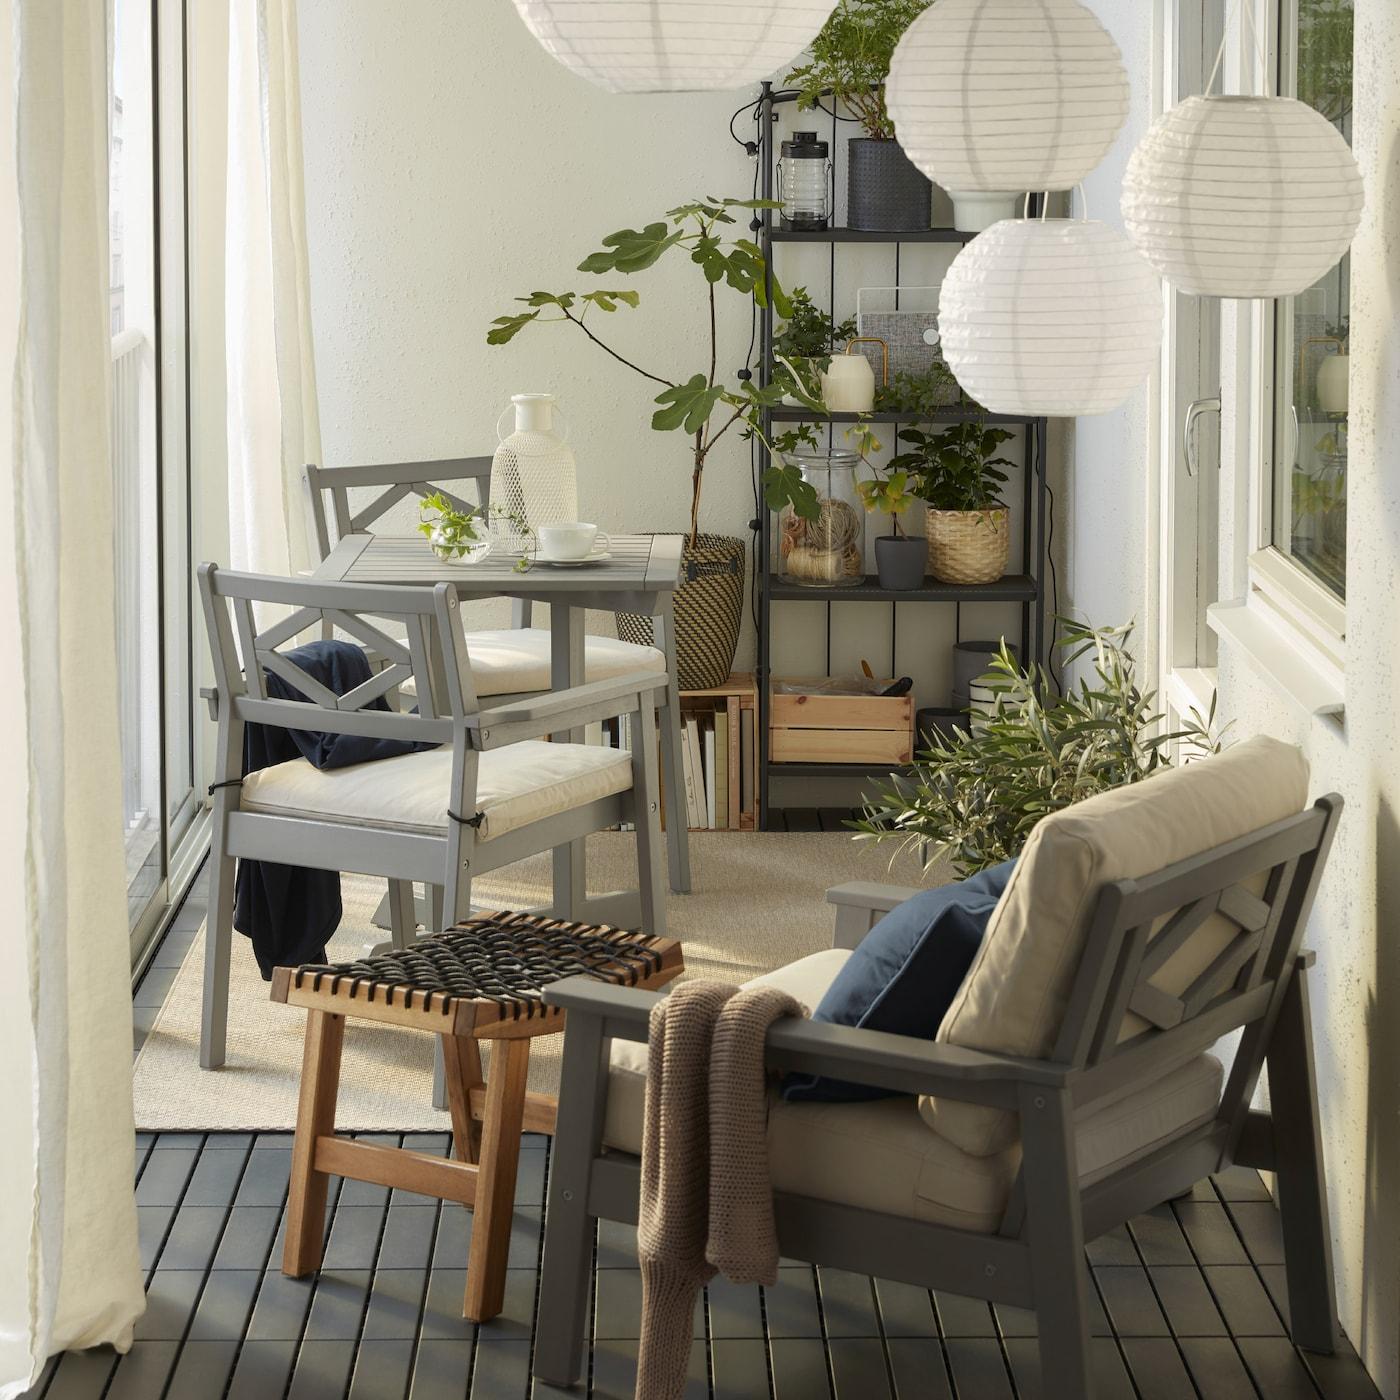 Zárt erkély, szürke BONDHOLMEN bútorral, kerek függőlámpákkal, bézs szőnyeggel, fehér függönyökkel, és sok zöld növénnyel.